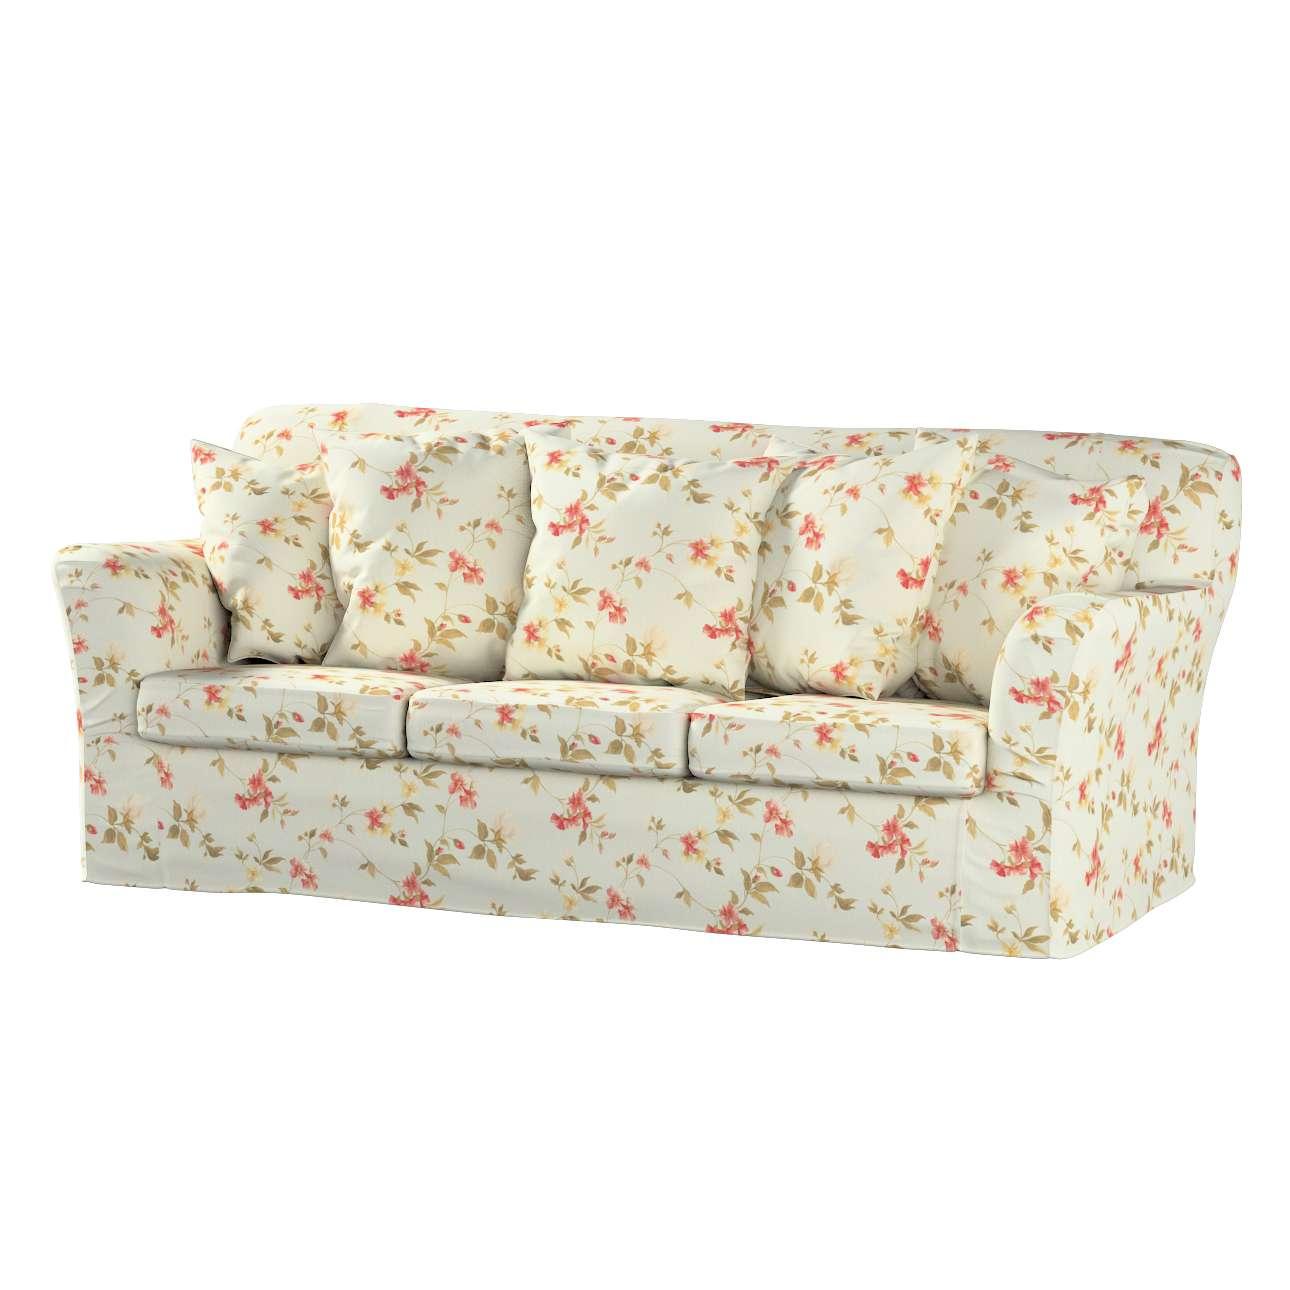 Tomelilla 3-Sitzer Sofabezug nicht ausklappbar Sofahusse, Tomelilla 3-Sitzer von der Kollektion Londres, Stoff: 124-65